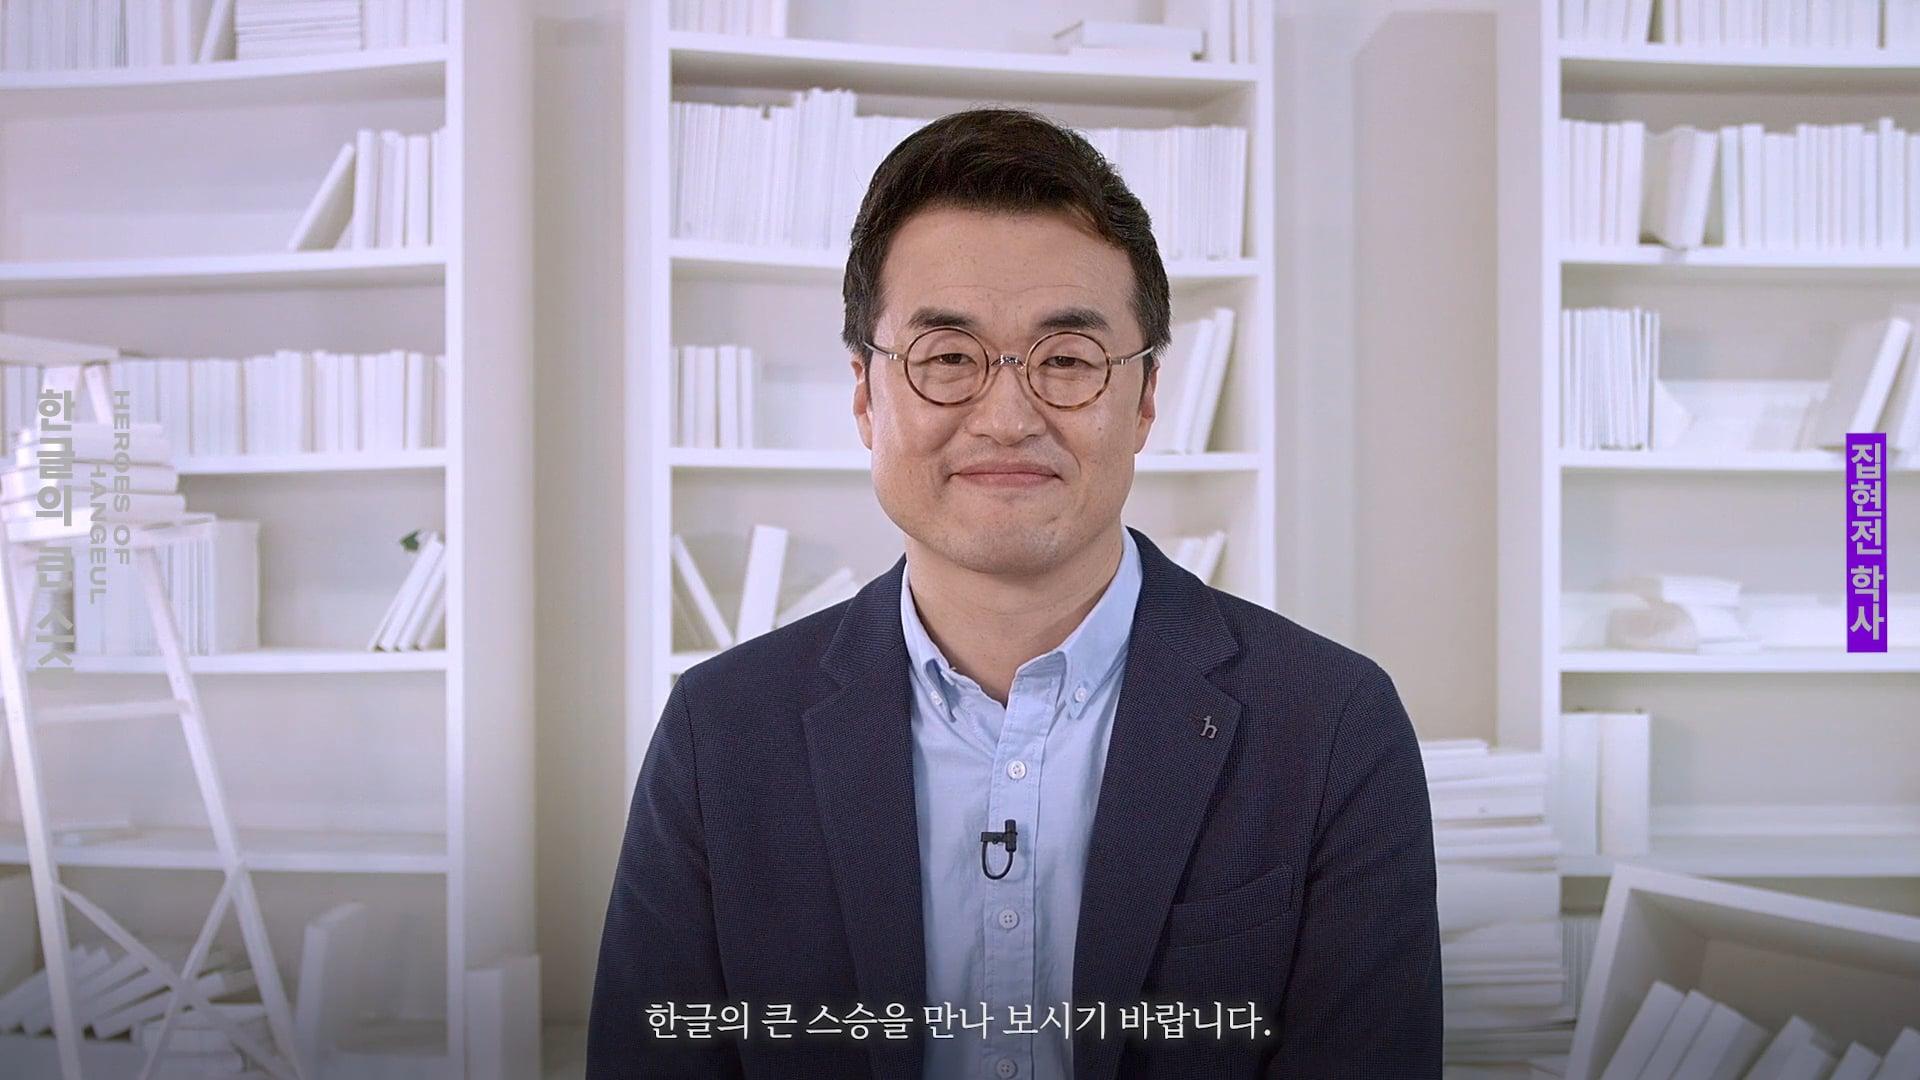 국립한글박물관 한글의큰스승 전시회인터뷰_최태성편